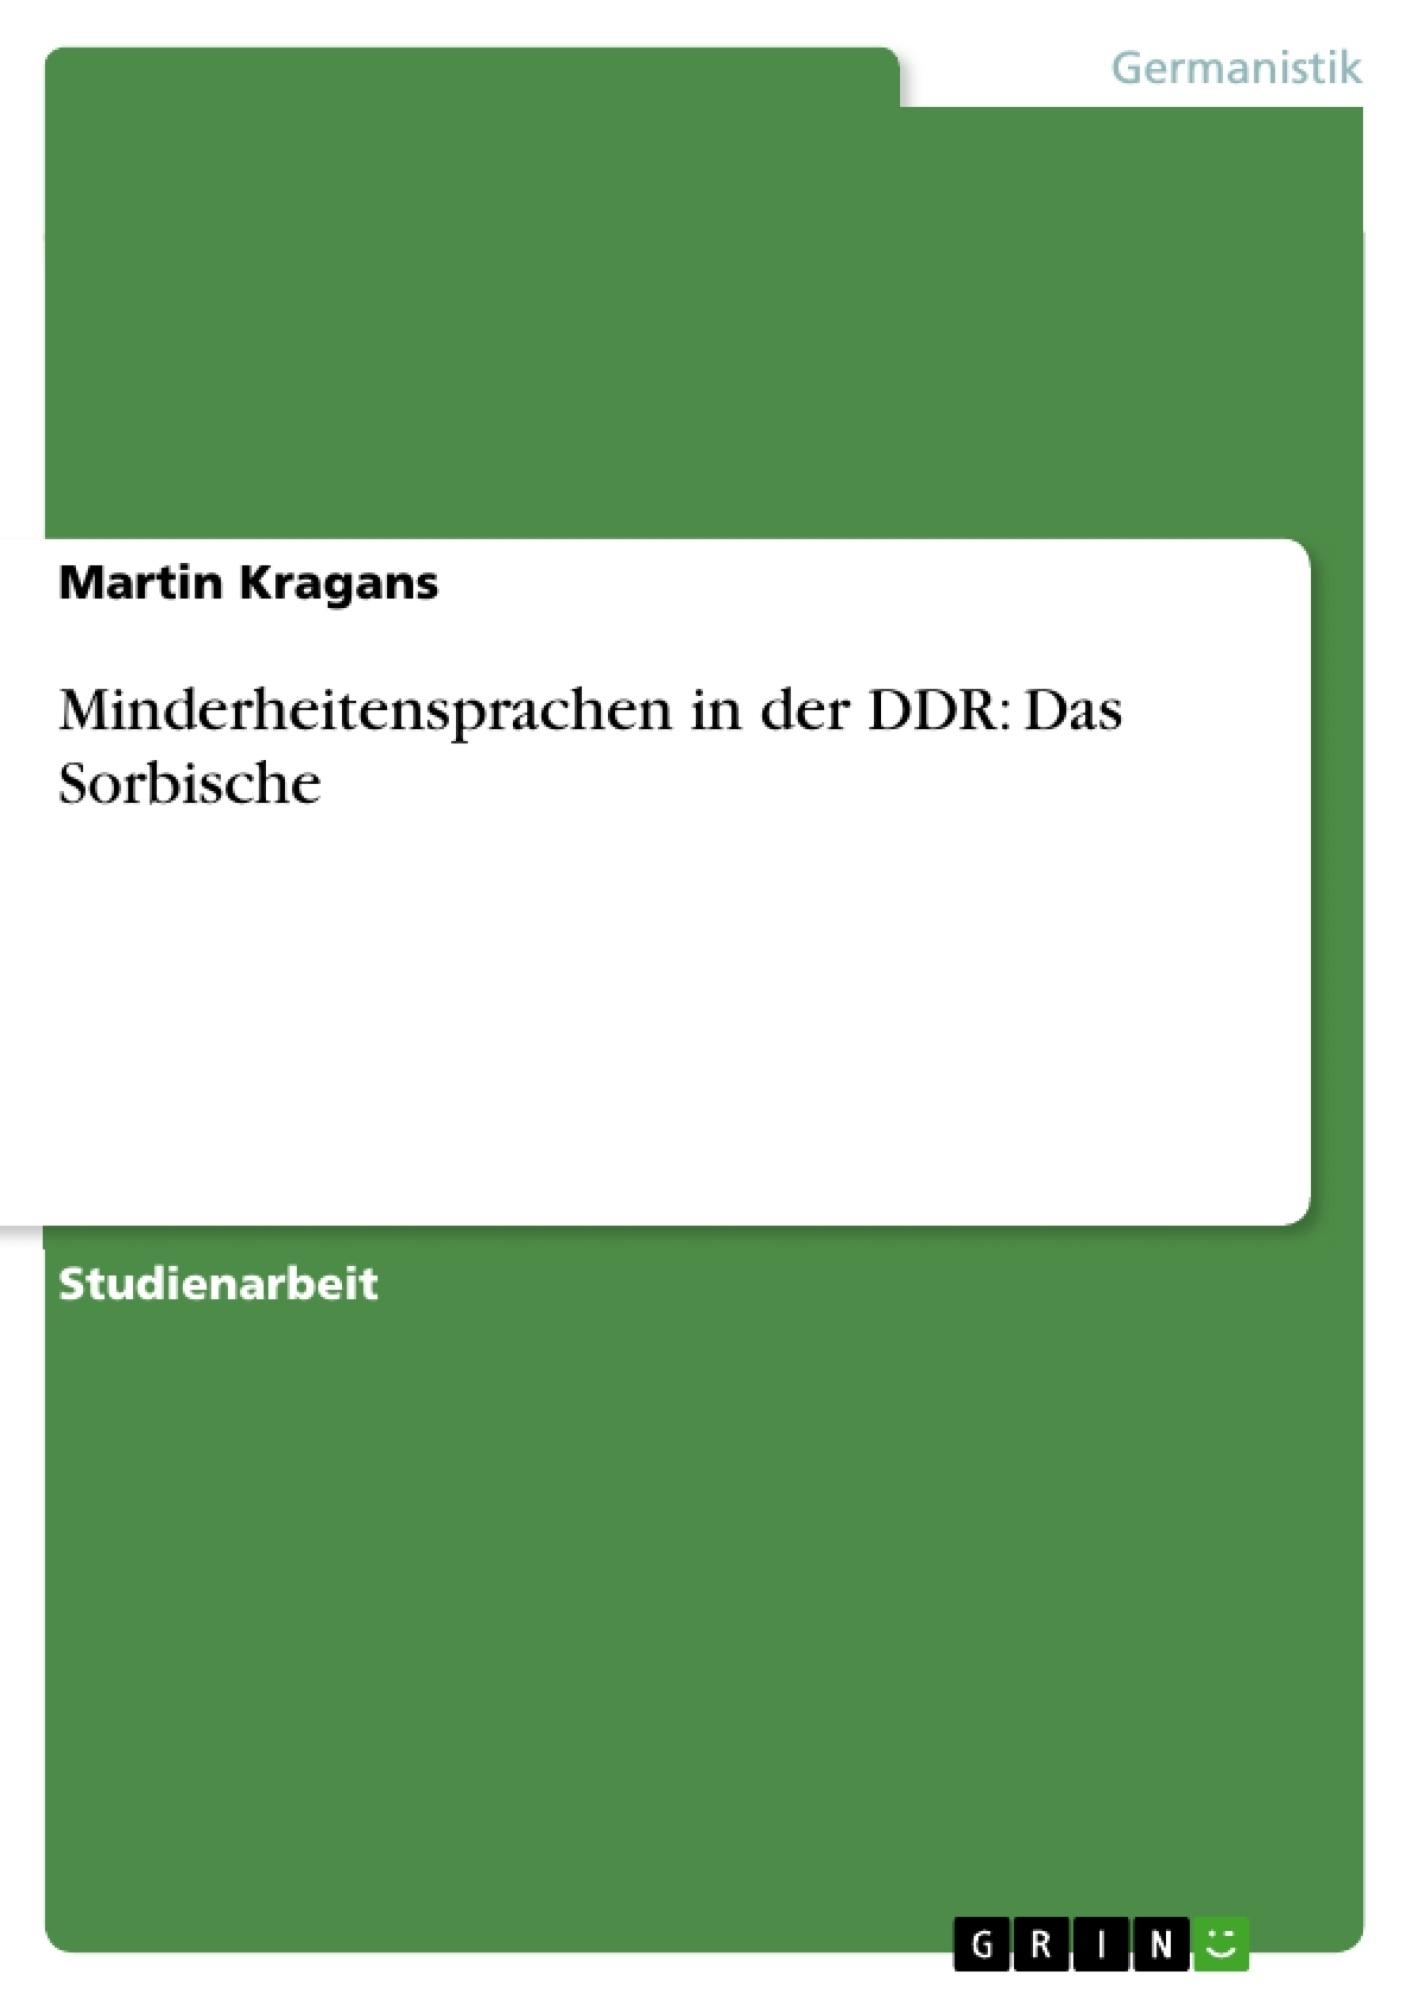 Titel: Minderheitensprachen in der DDR: Das Sorbische